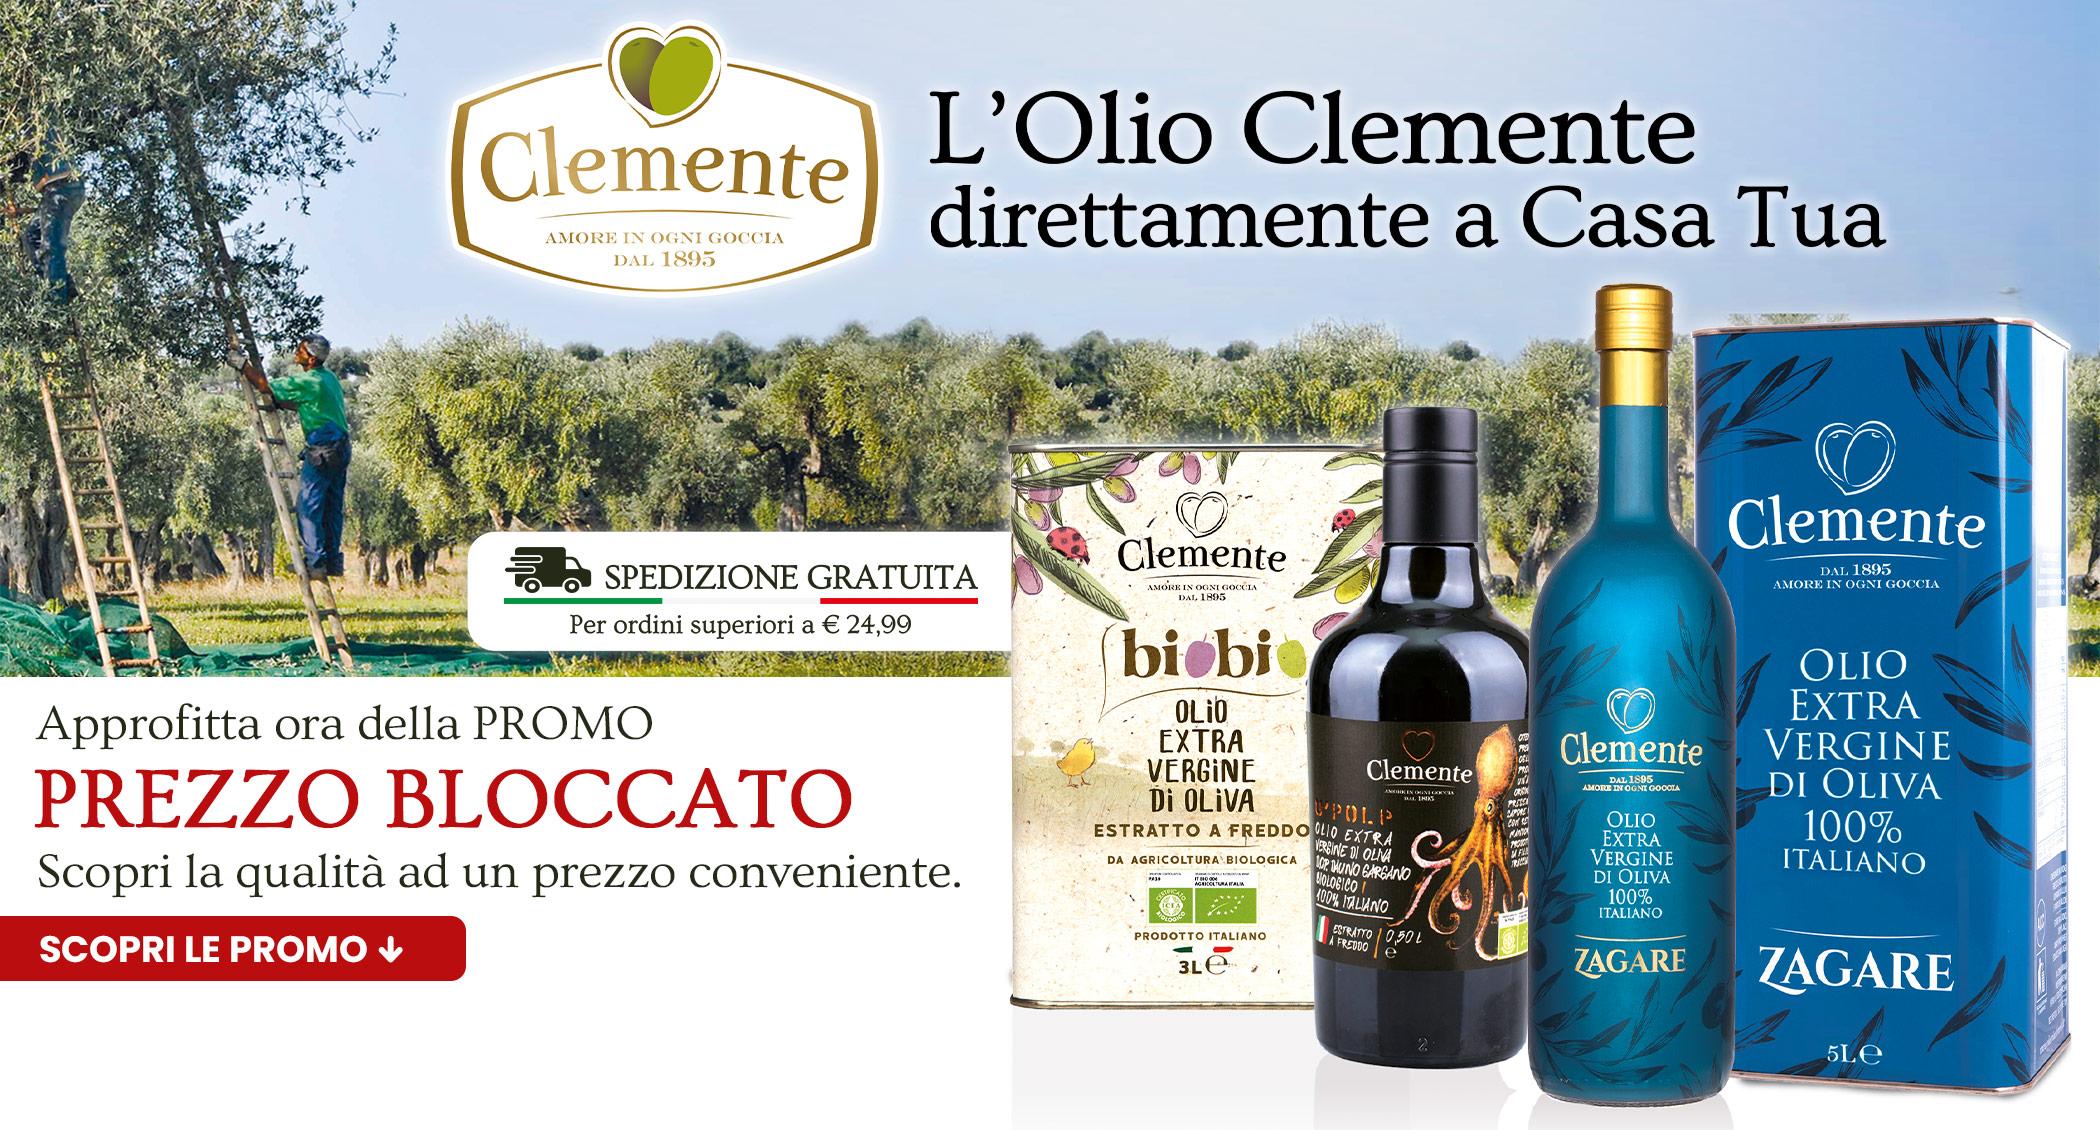 L'olio Clemente direttamente a Casa Tua